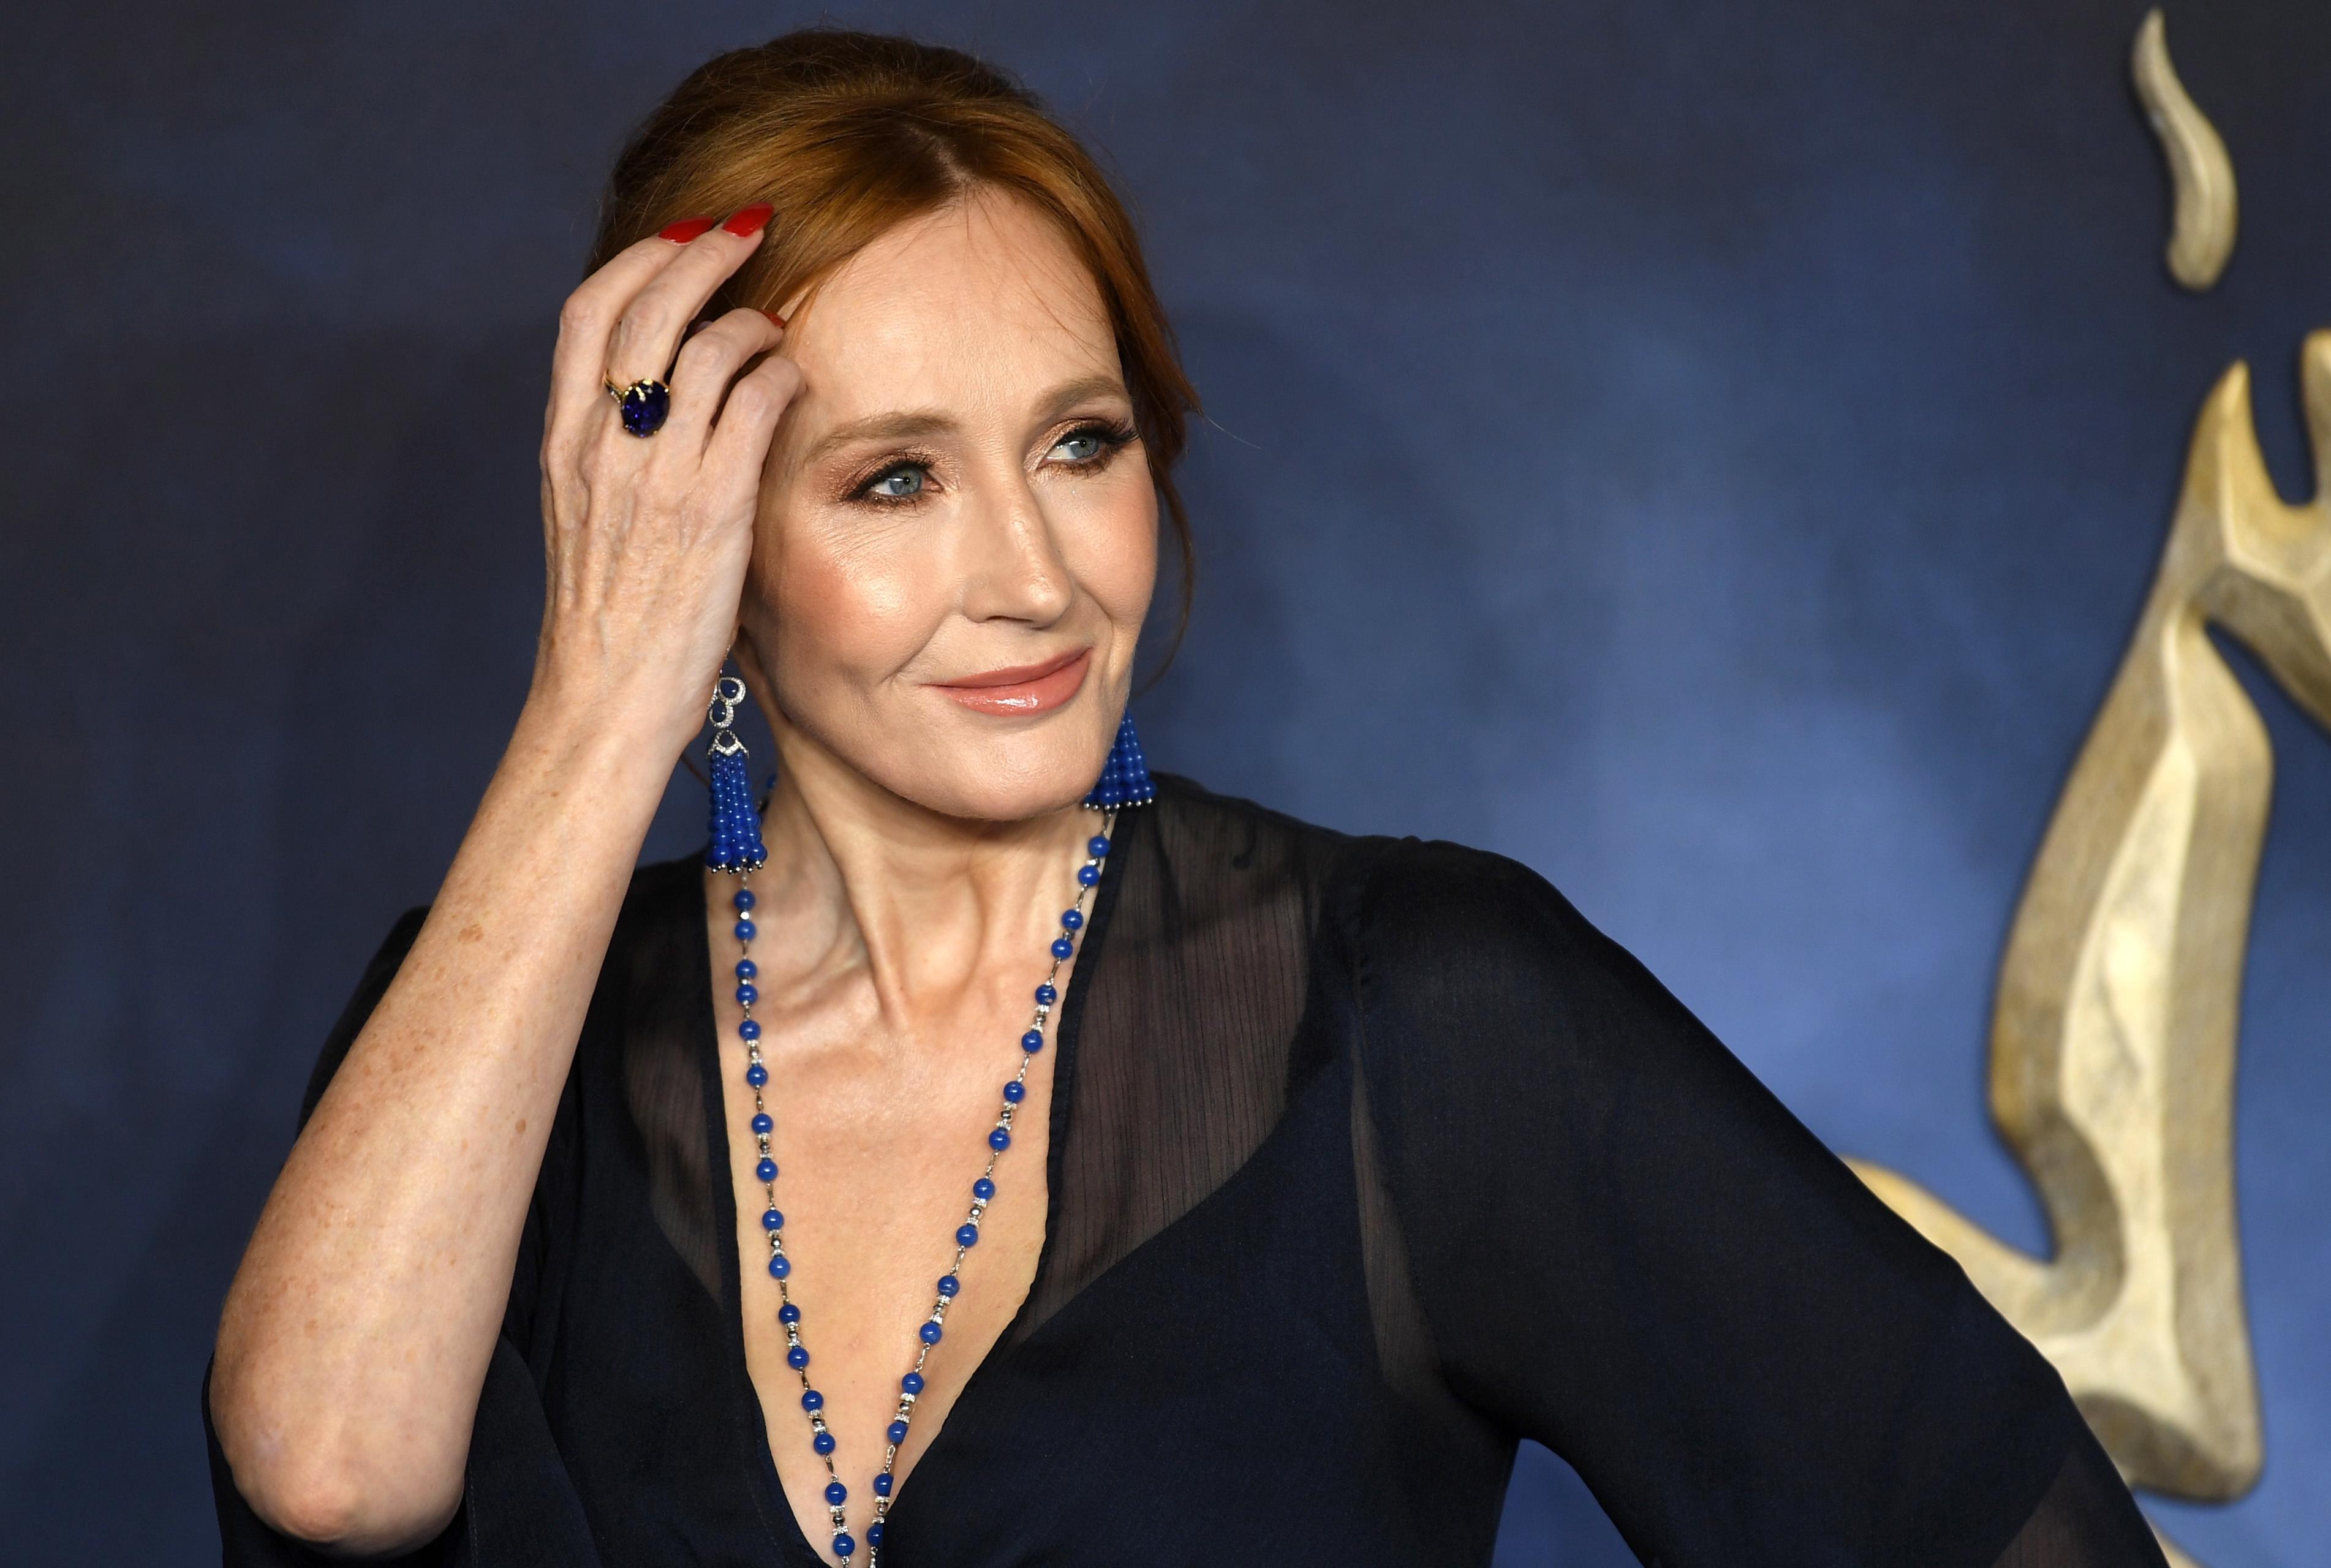 J.K. Rowling anuncia novo livro infantil a ser publicado gratuitamente 'online'